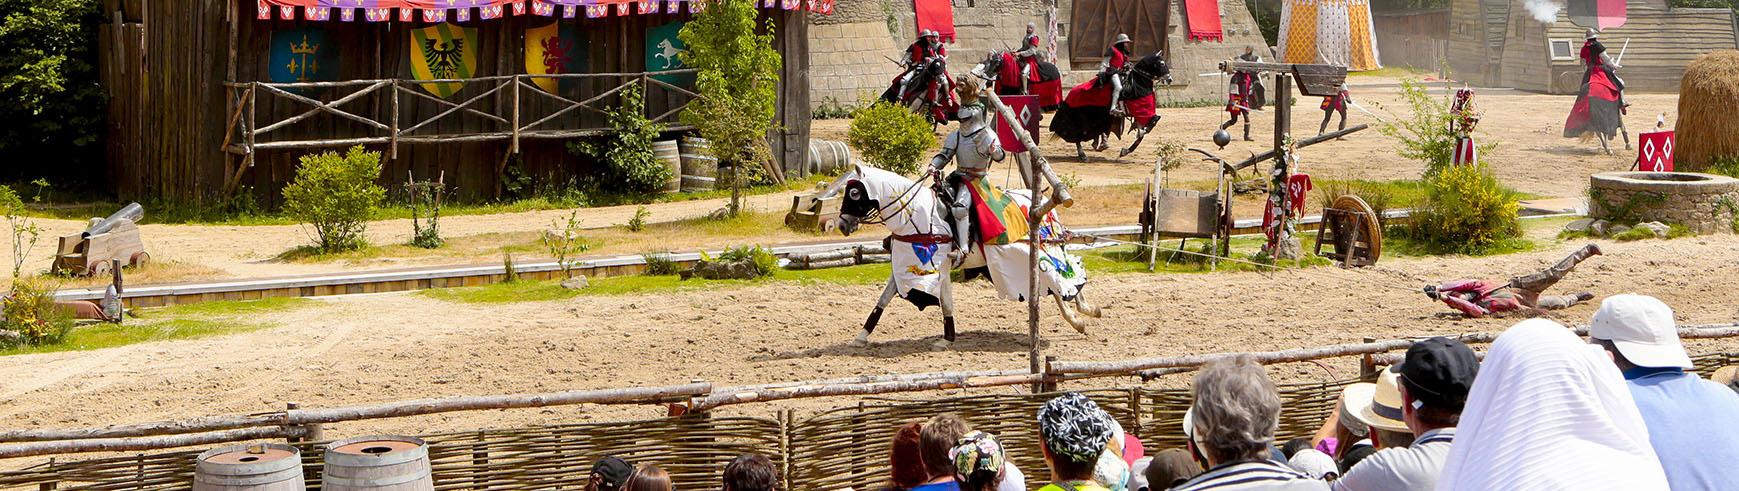 Un equipo en acción Puy du Fou